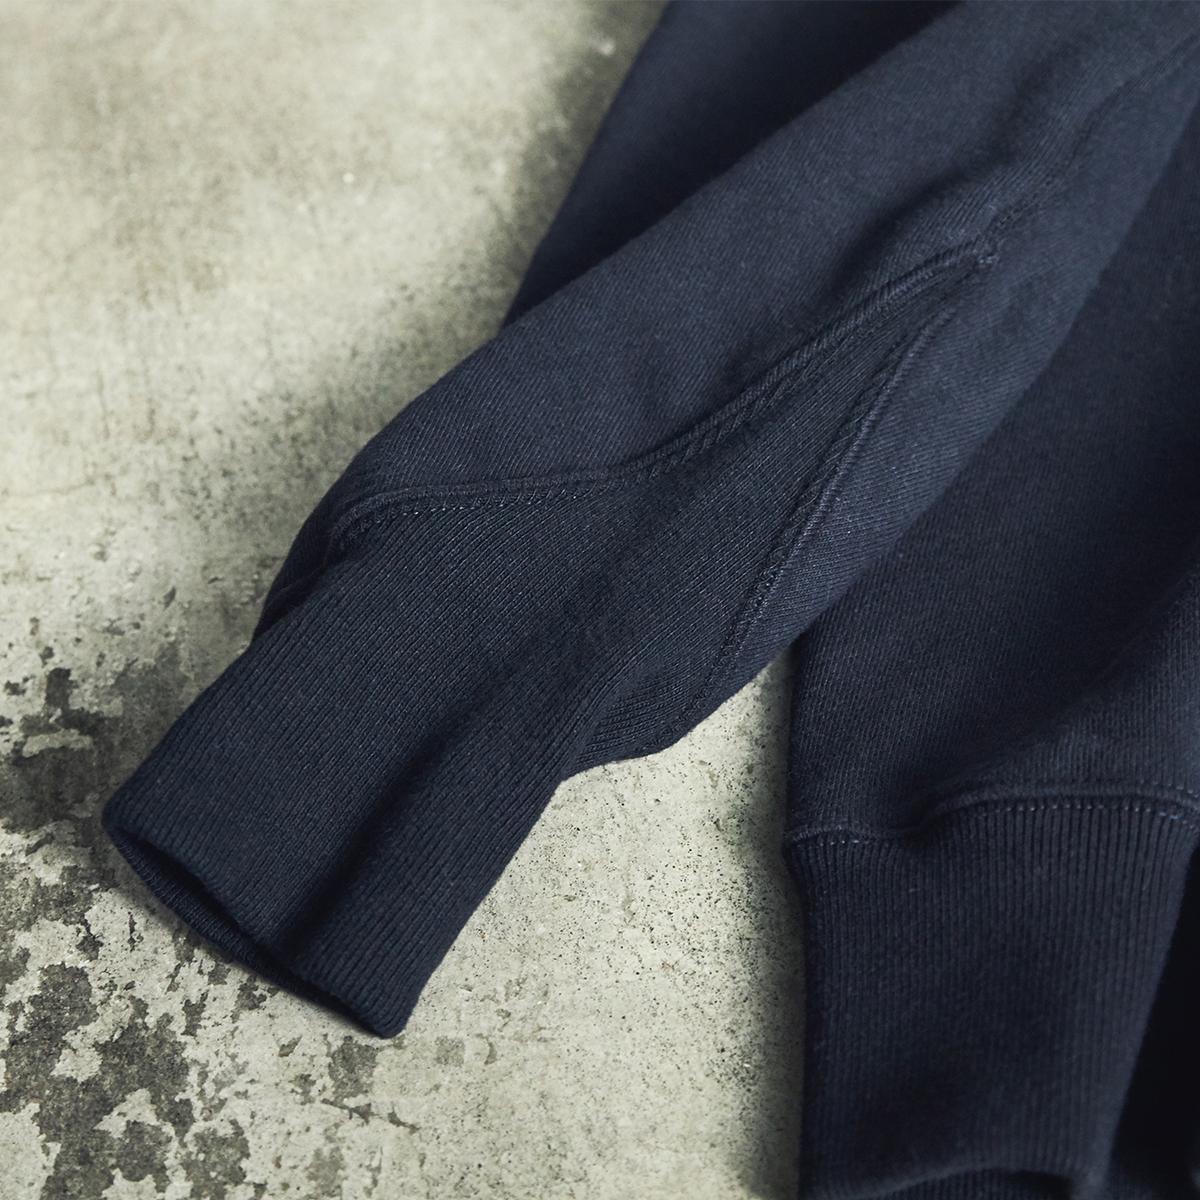 V字長リブ|コレクターが唸る、独自のディテールが魅力。スポルディング社の名作から、現存していない「ブラック」をMade in Japanで「トレーニングシャツ」|A.G. Spalding & Bros